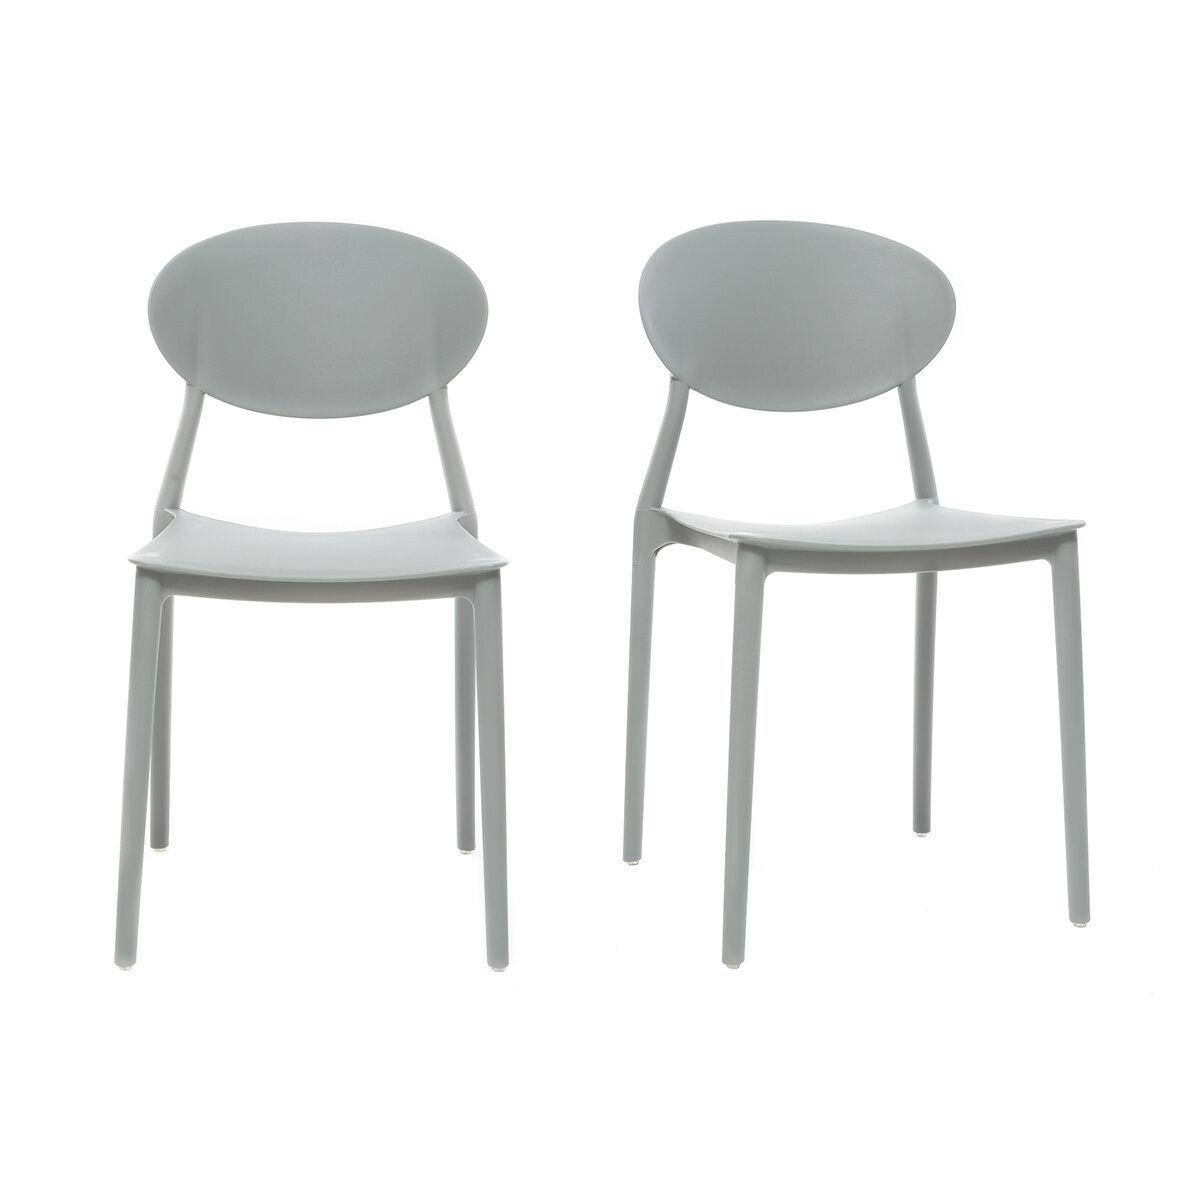 Miliboo Chaises design empilables grises intérieur / extérieur (lot de 2) ANNA